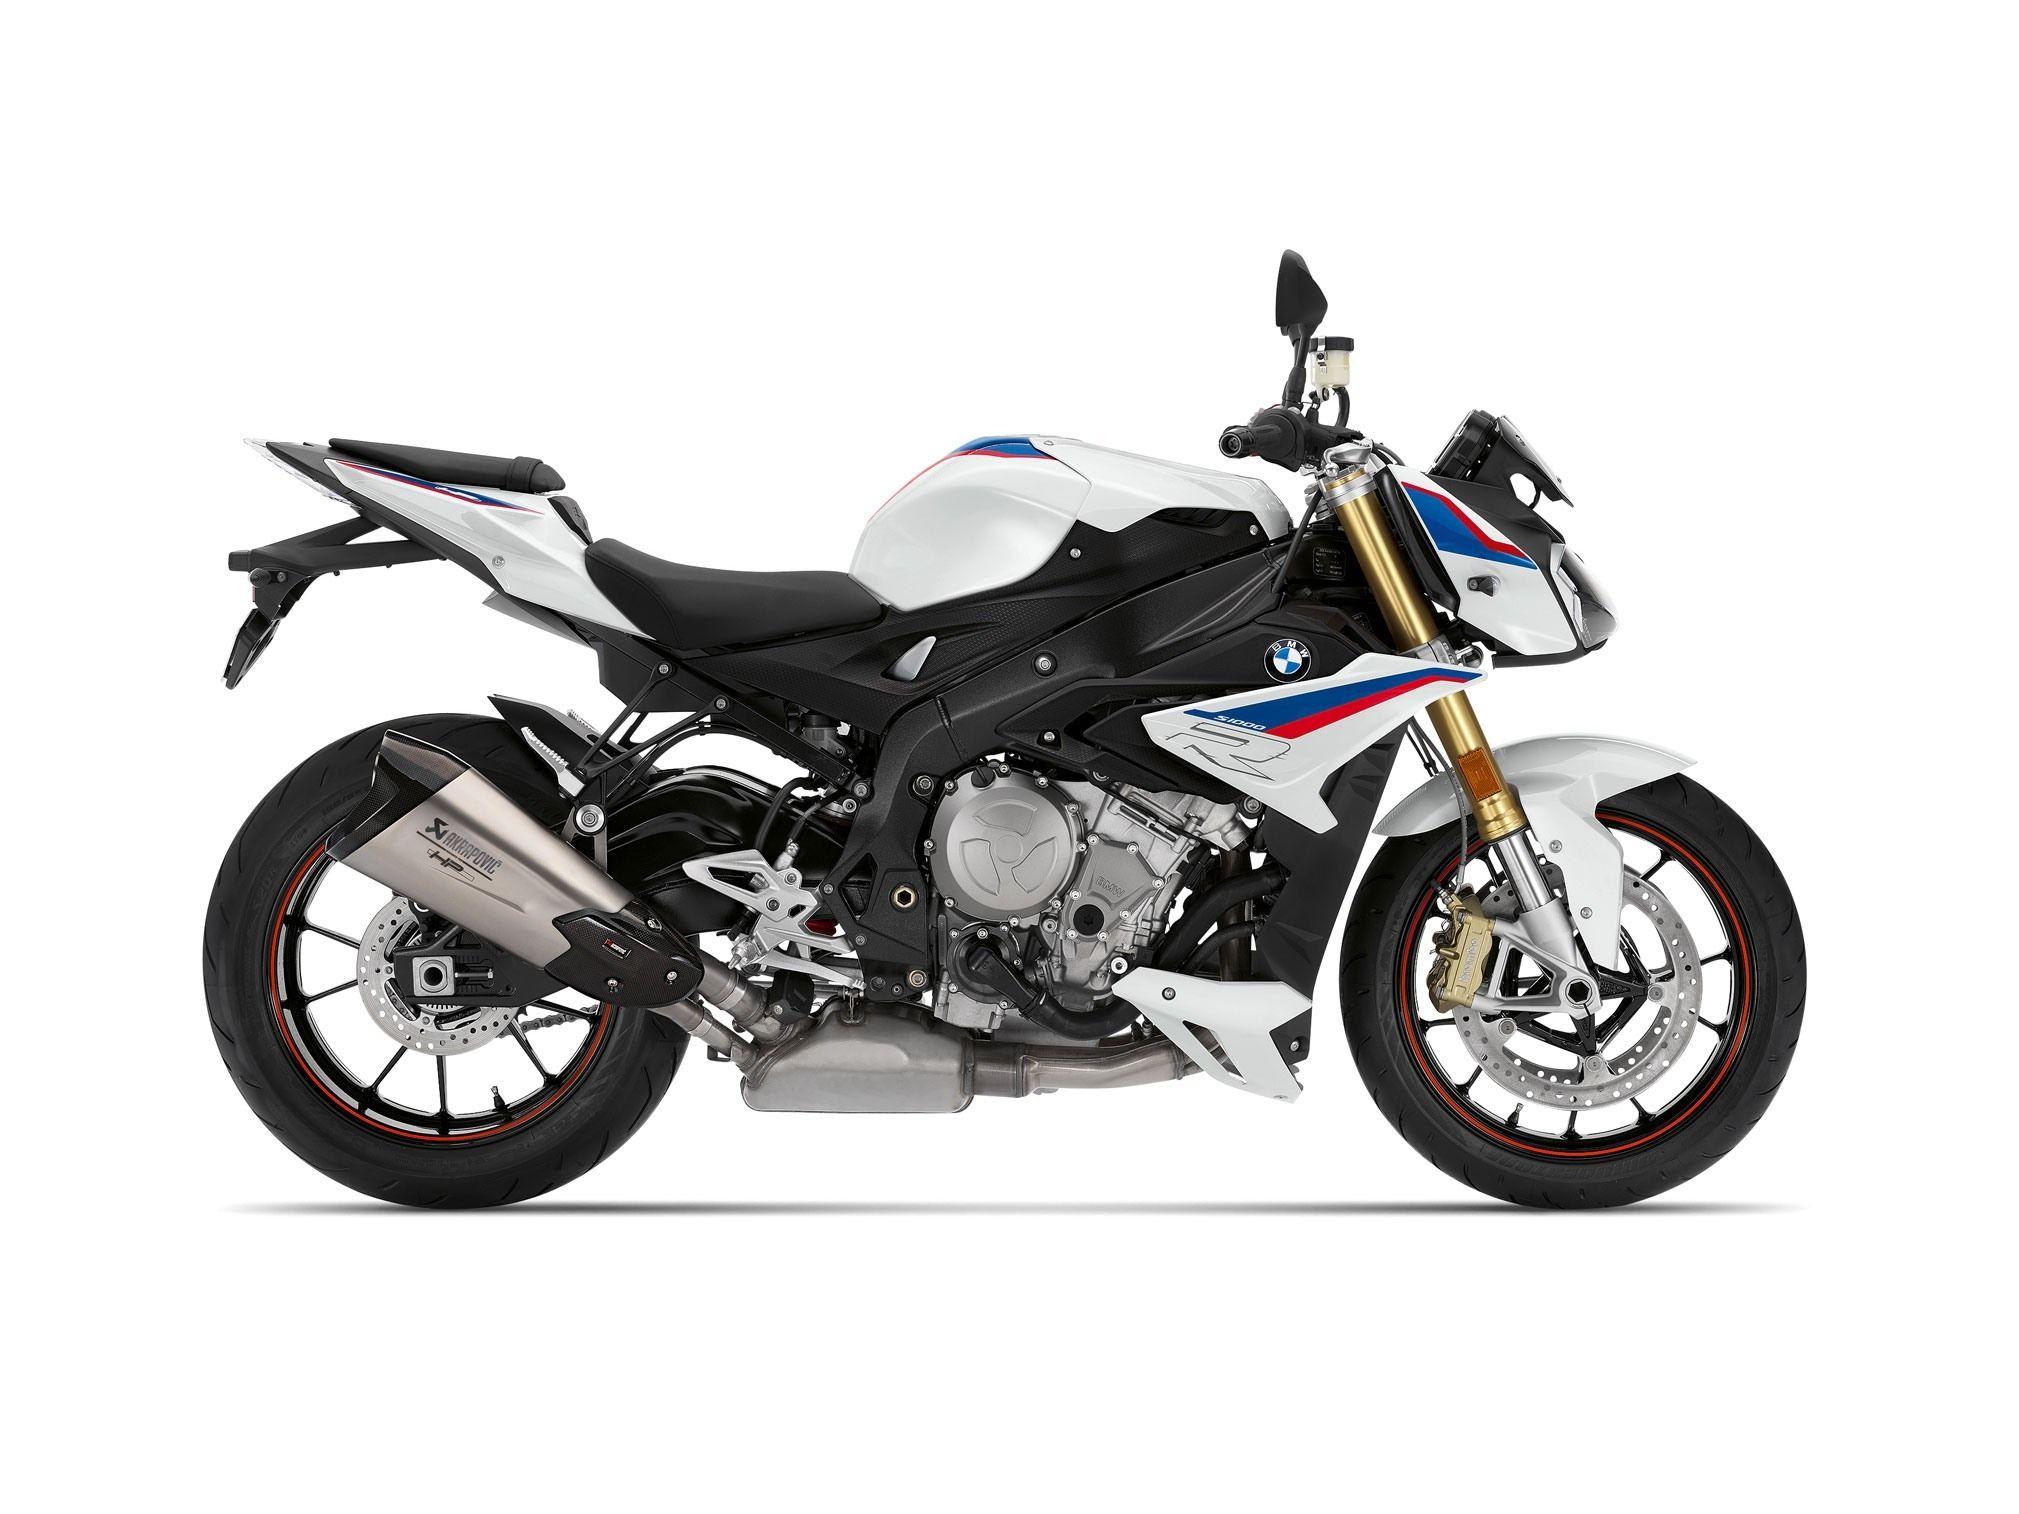 2019 Bmw S1000r Spy Shoot Bmw Motorrad Bmw Bmw Motorcycles For Sale